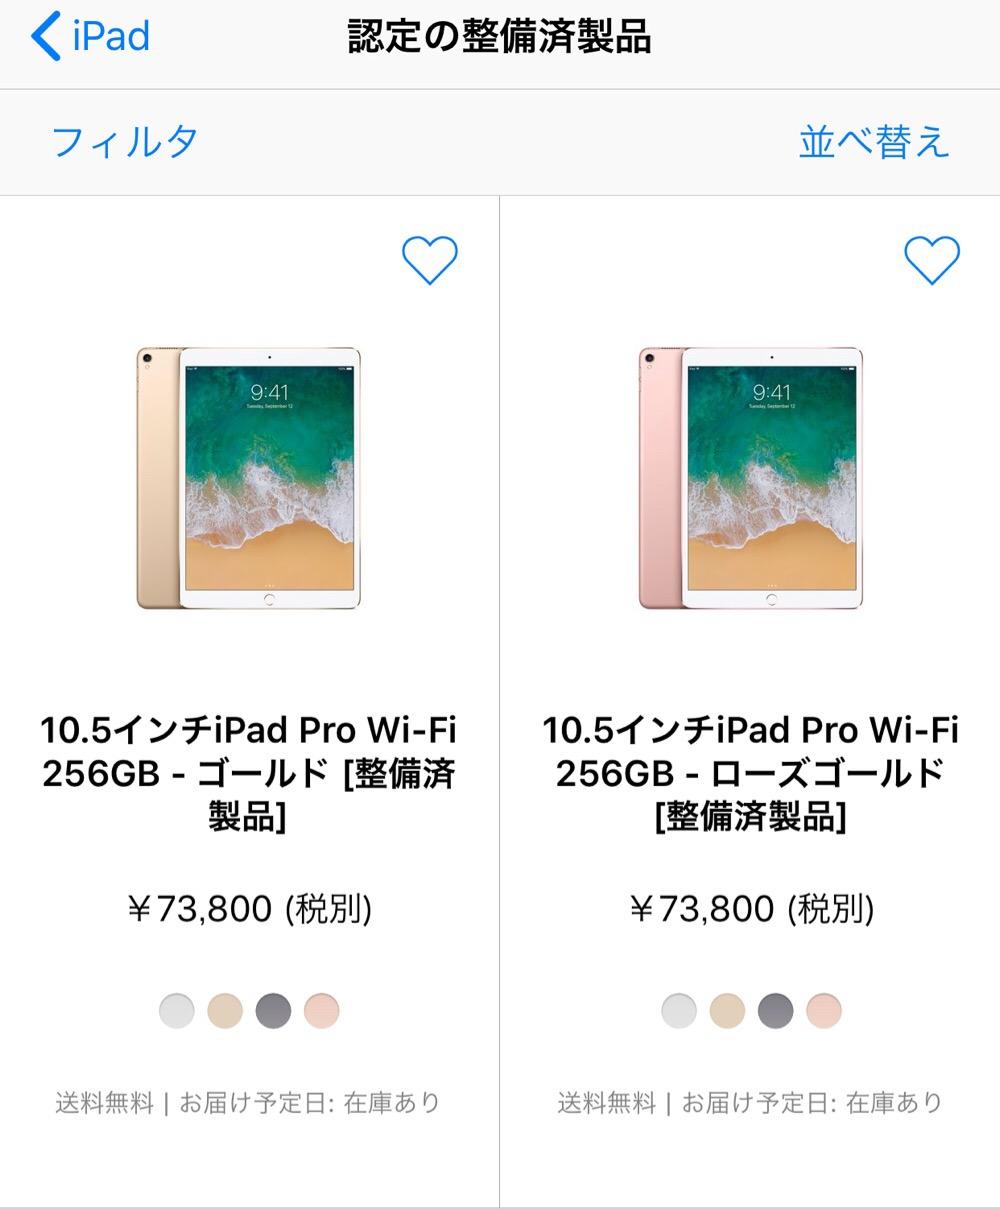 iPad Pro10.5整備済み製品を買いましたが新品と違いないのに15%OFFでメチャお得!